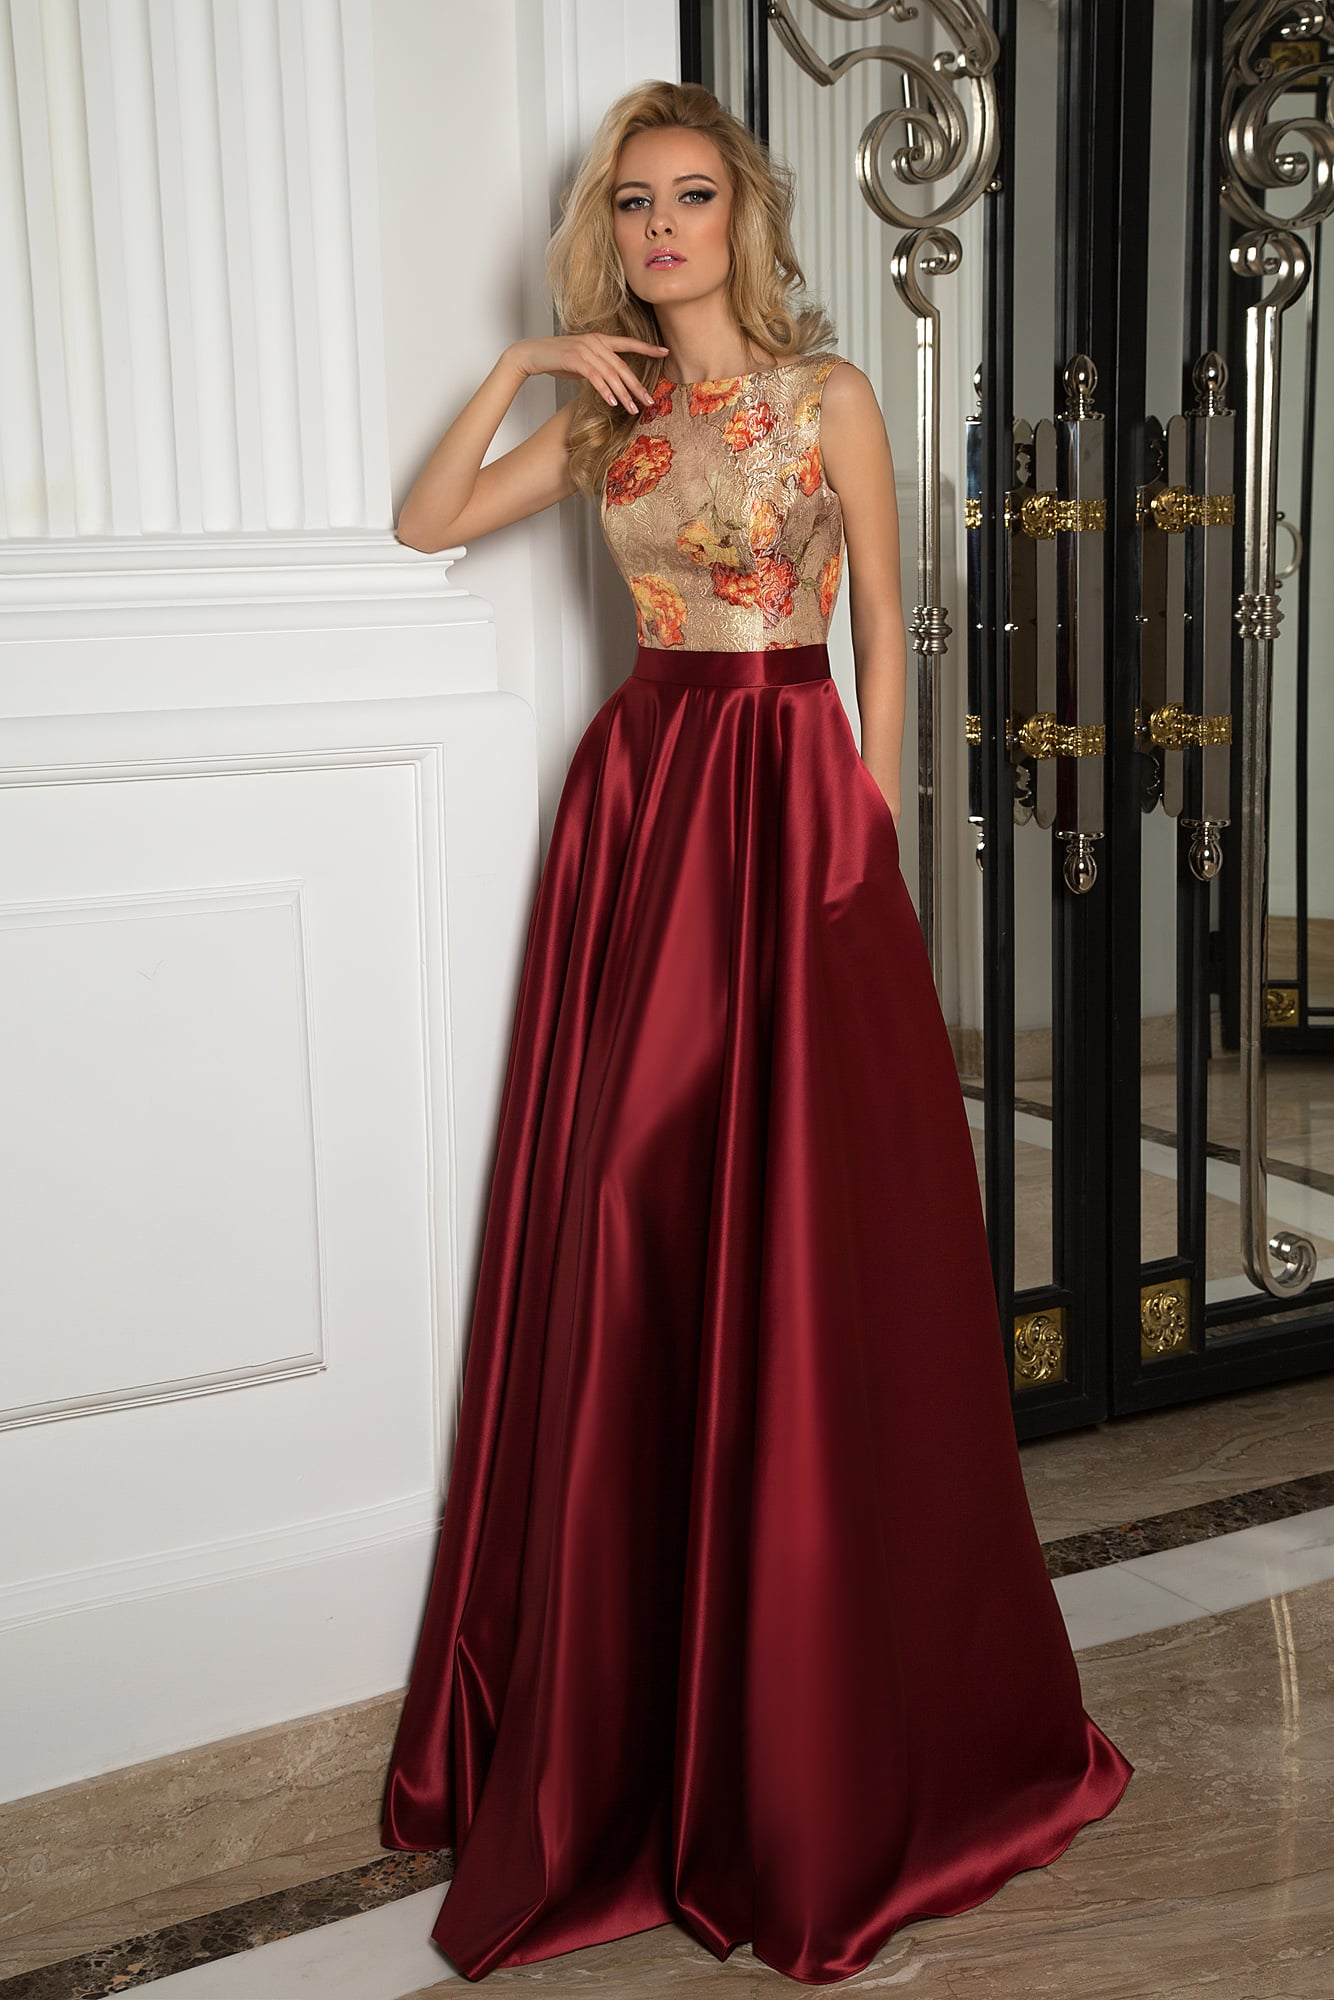 9b777ea3cb0 Пышное вечернее платье с бордовой юбкой и закрытым верхом с цветочным  узором.